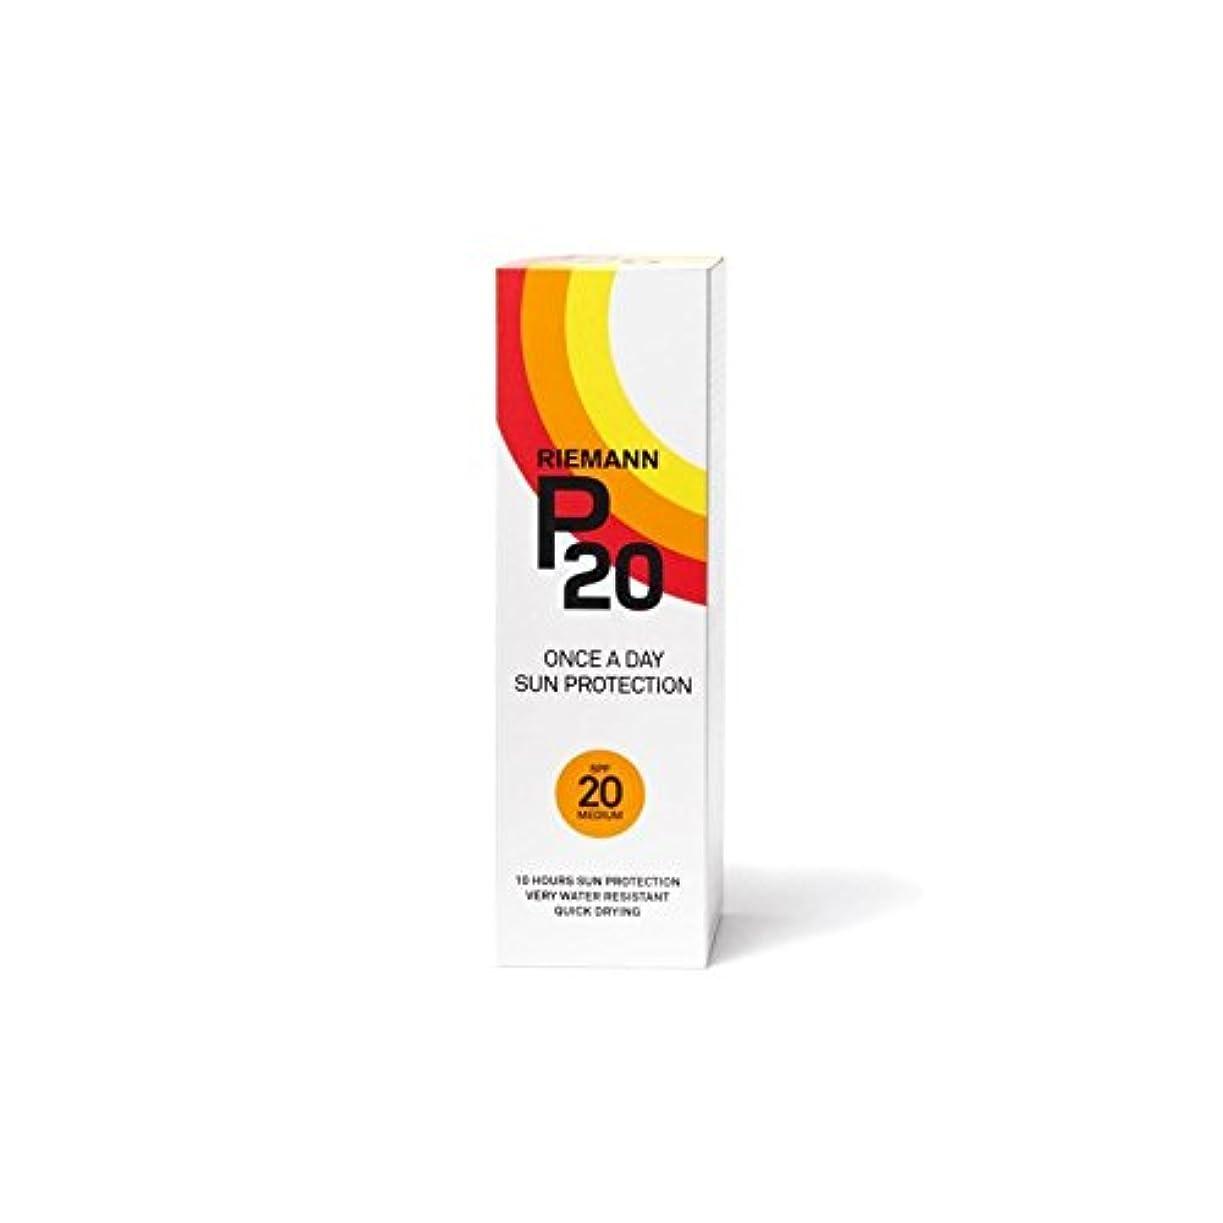 講堂段落冬Riemann P20 Sun Filter 100ml SPF20 - リーマン20のサンフィルター100ミリリットル20 [並行輸入品]